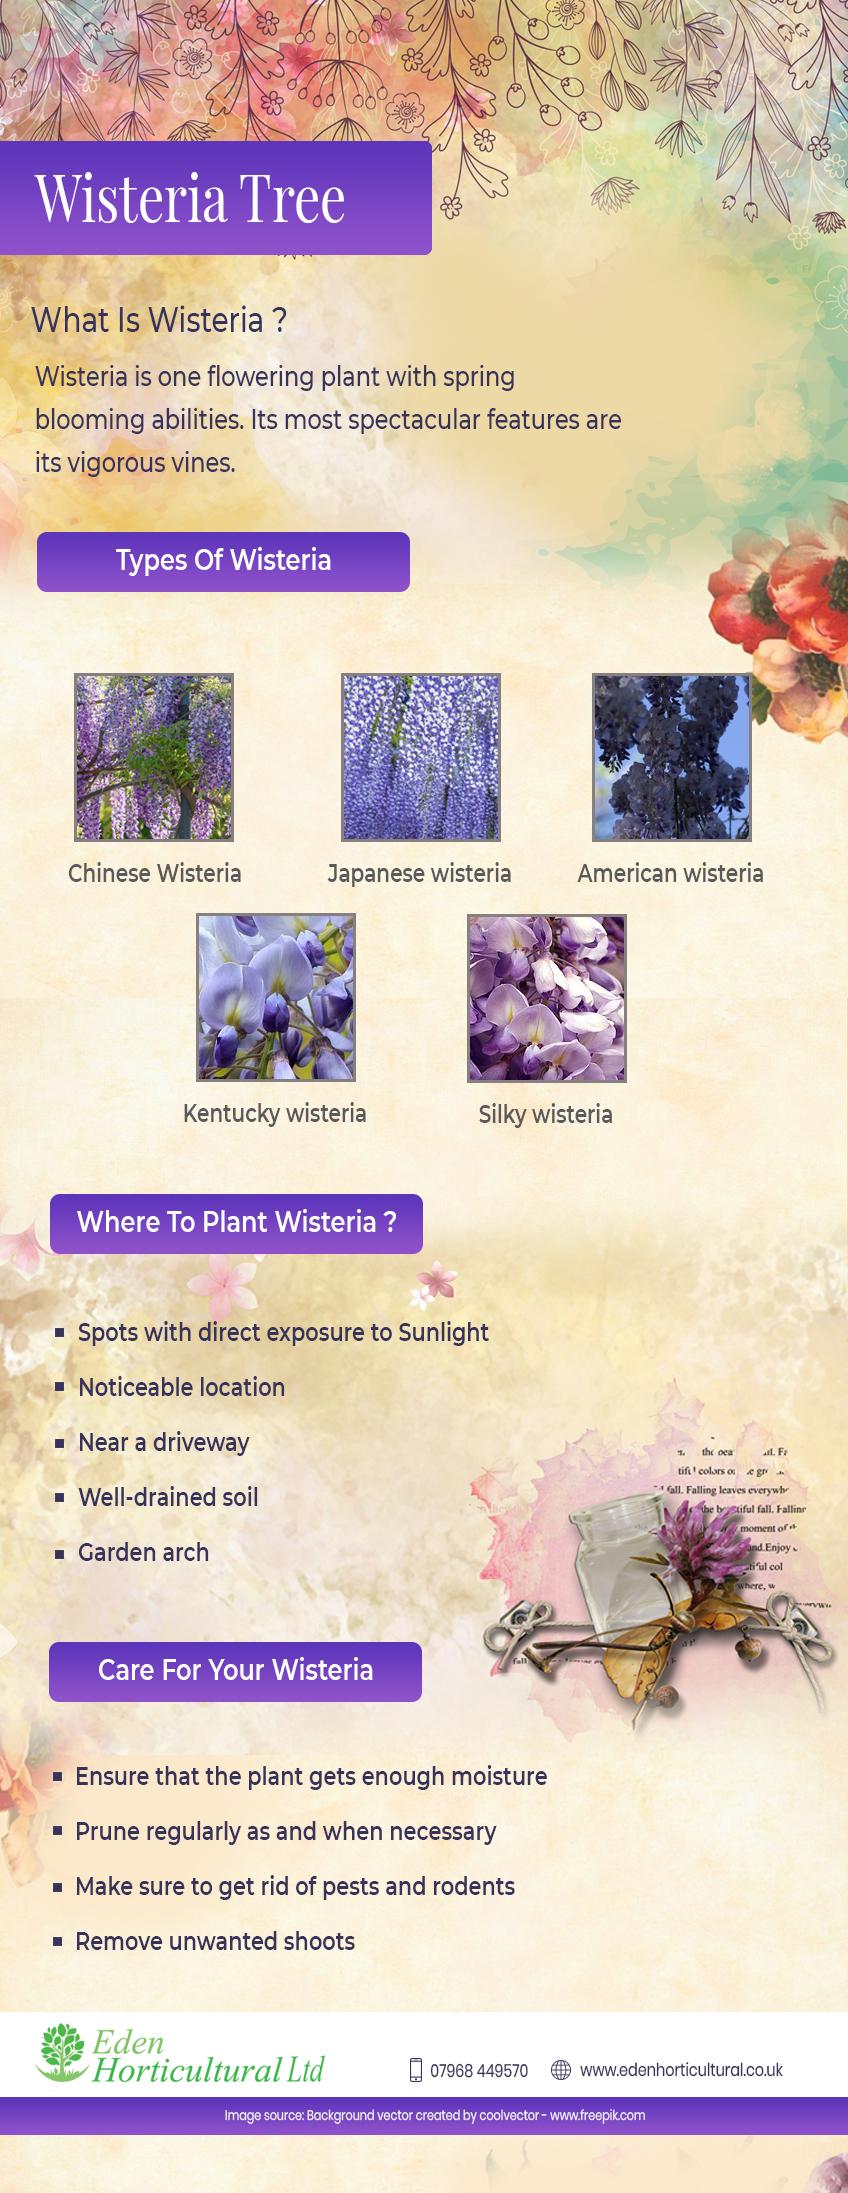 Wisteria tree infographic